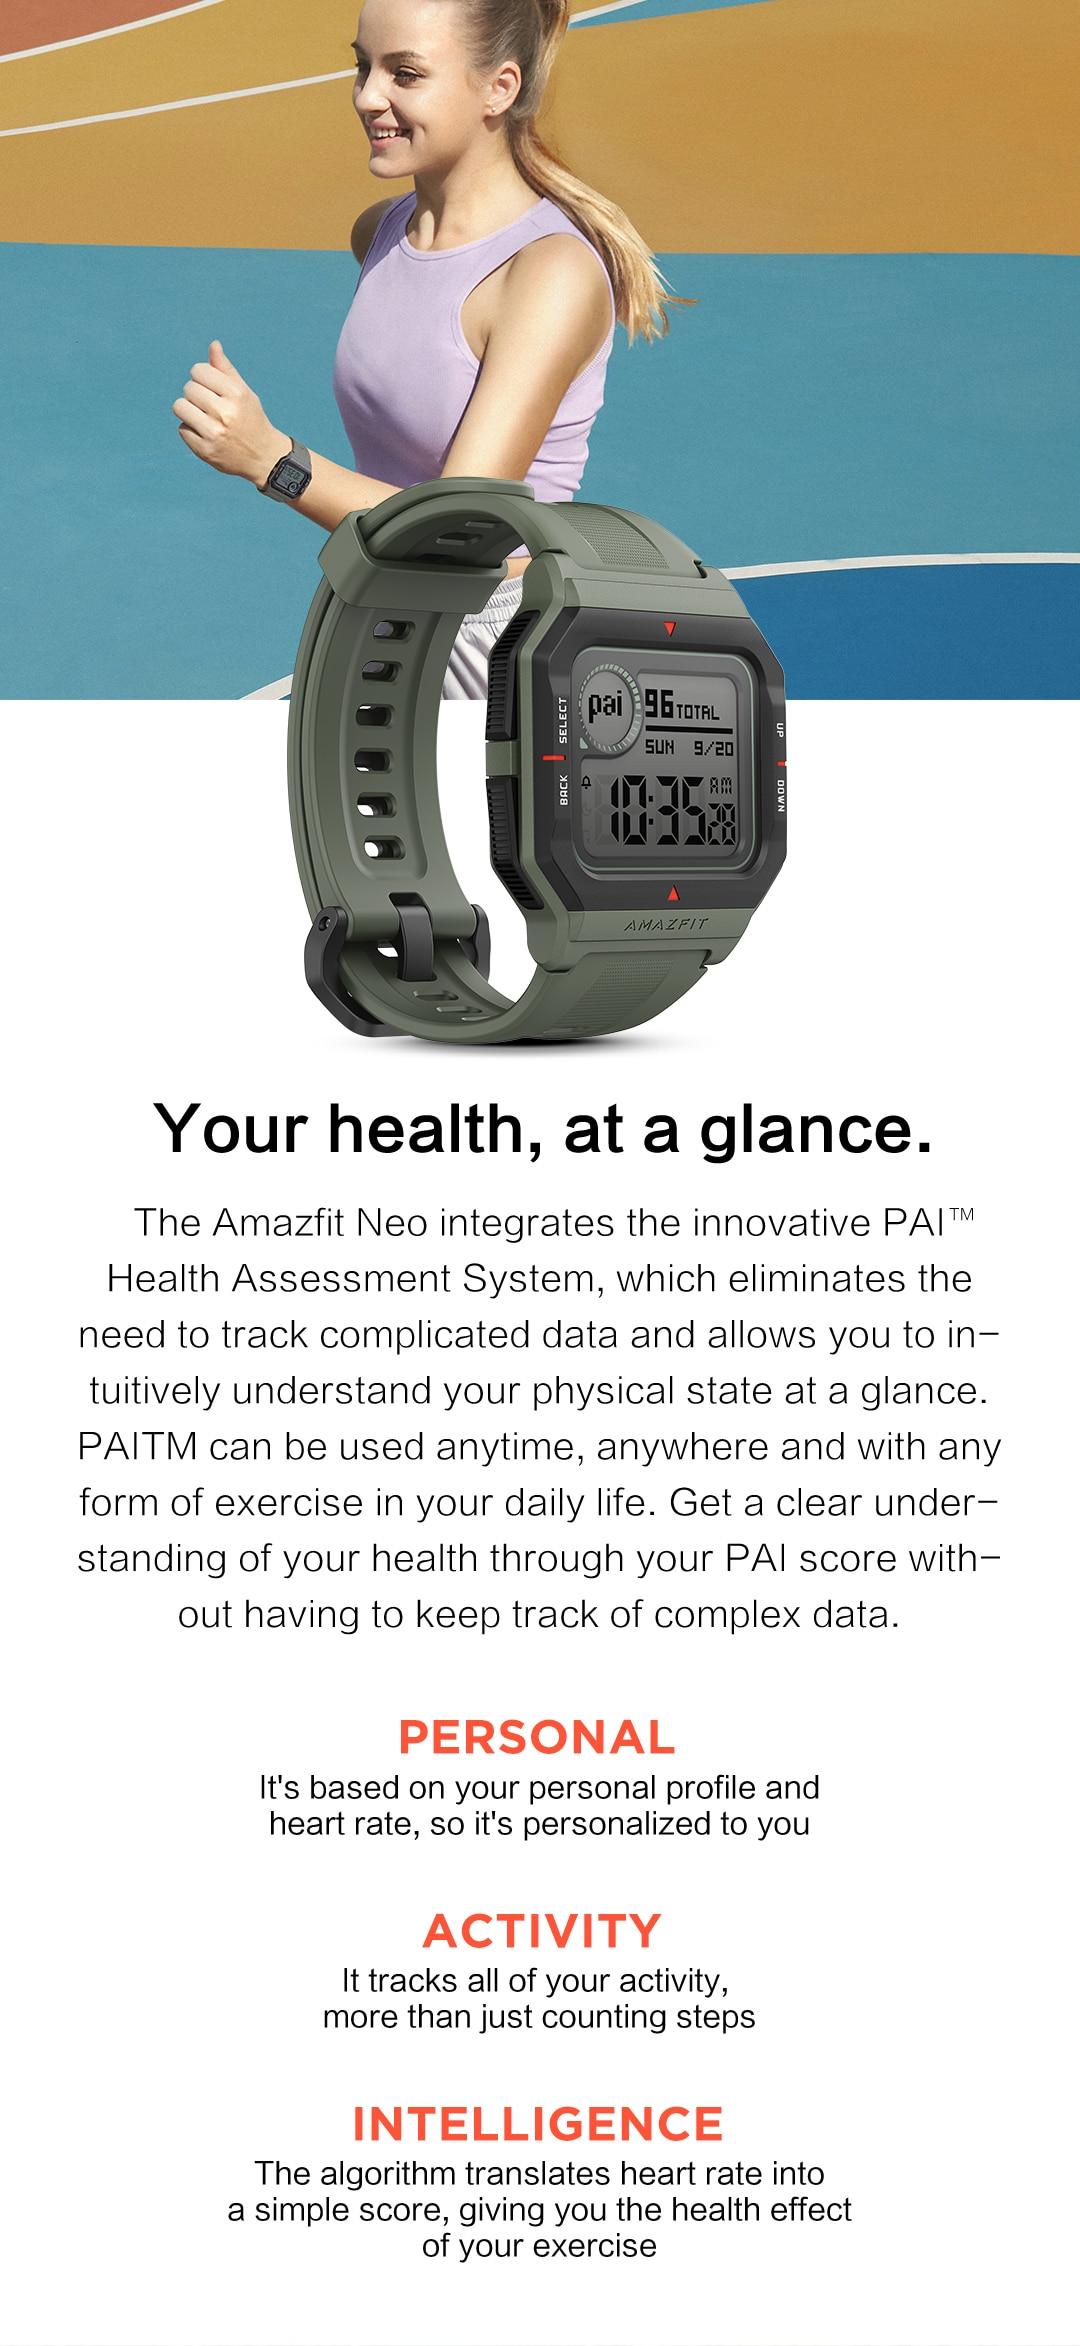 Amazfit Neo Bluetooth Smartwatch 4